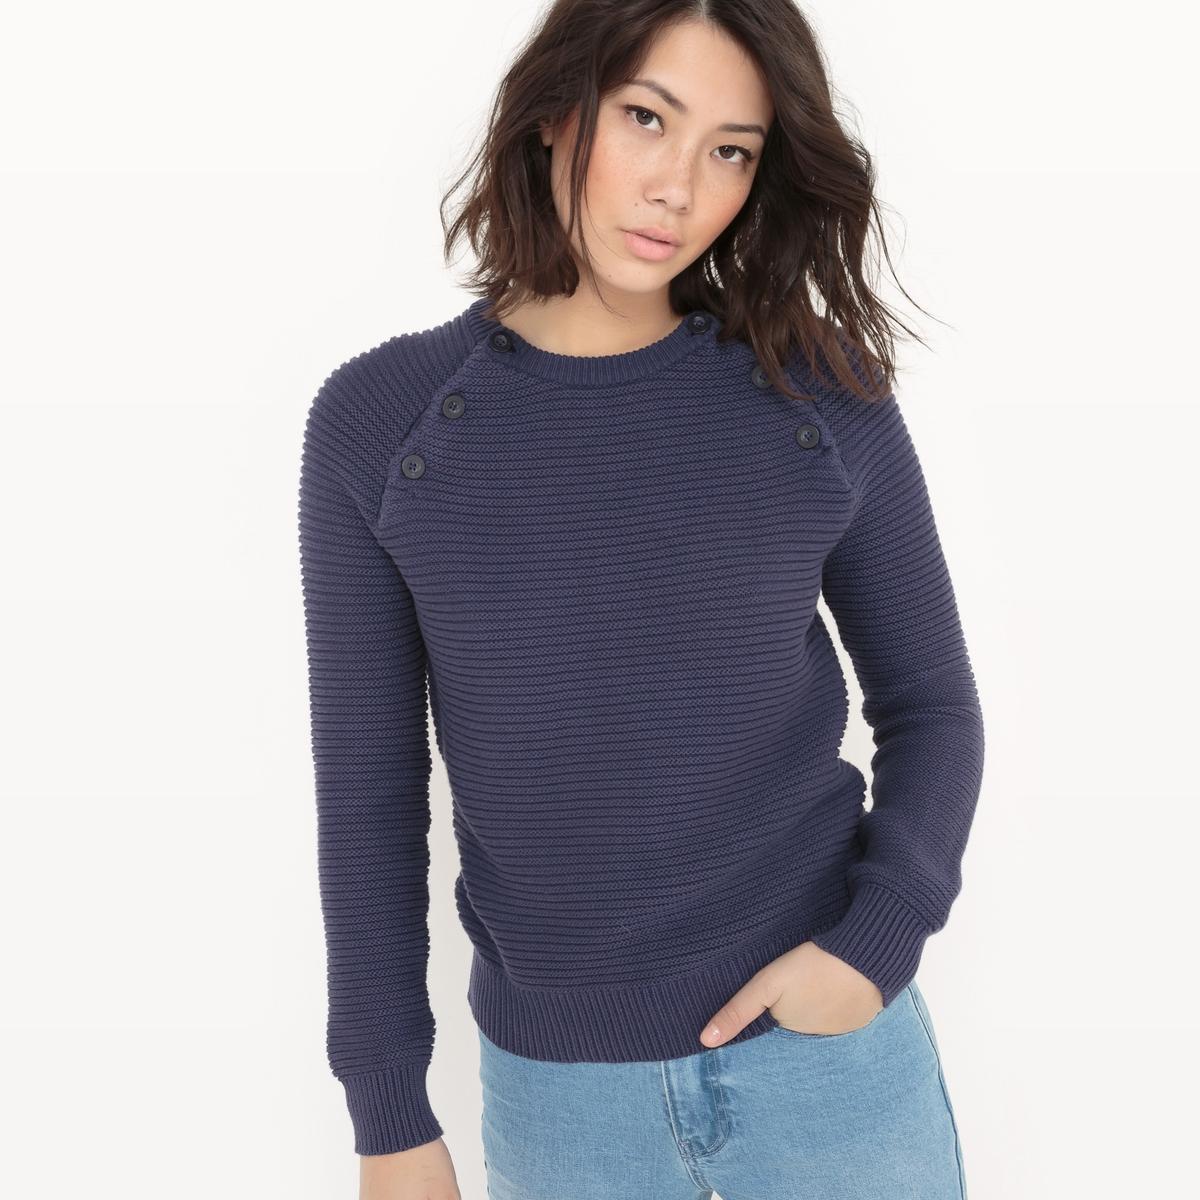 Пуловер с круглым вырезом, проймы рукавов с застежкой на пуговицы